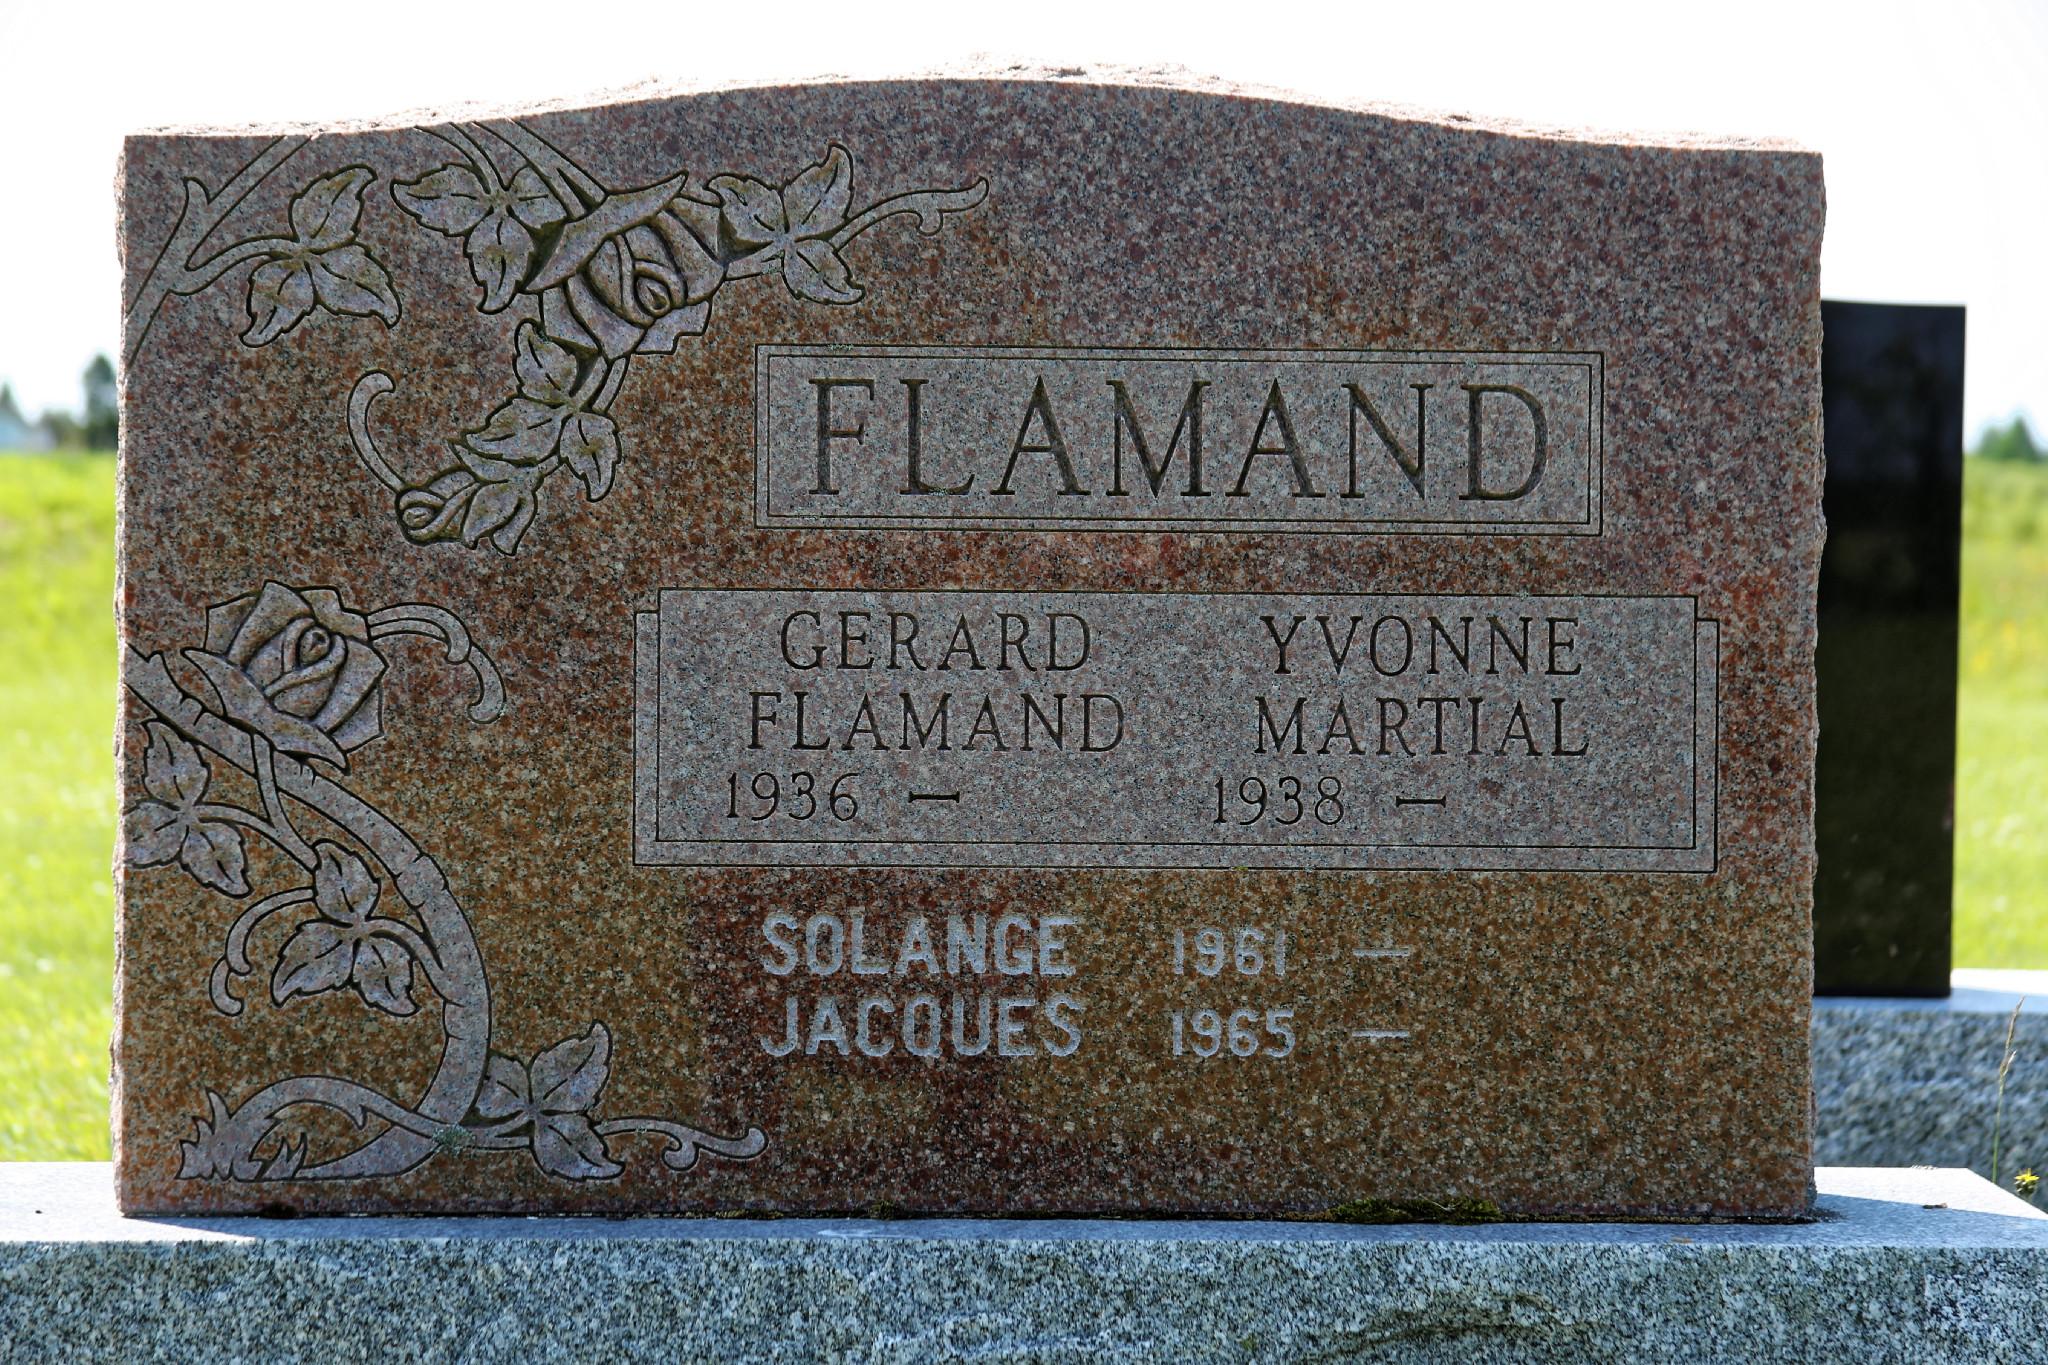 Gérard Flamand